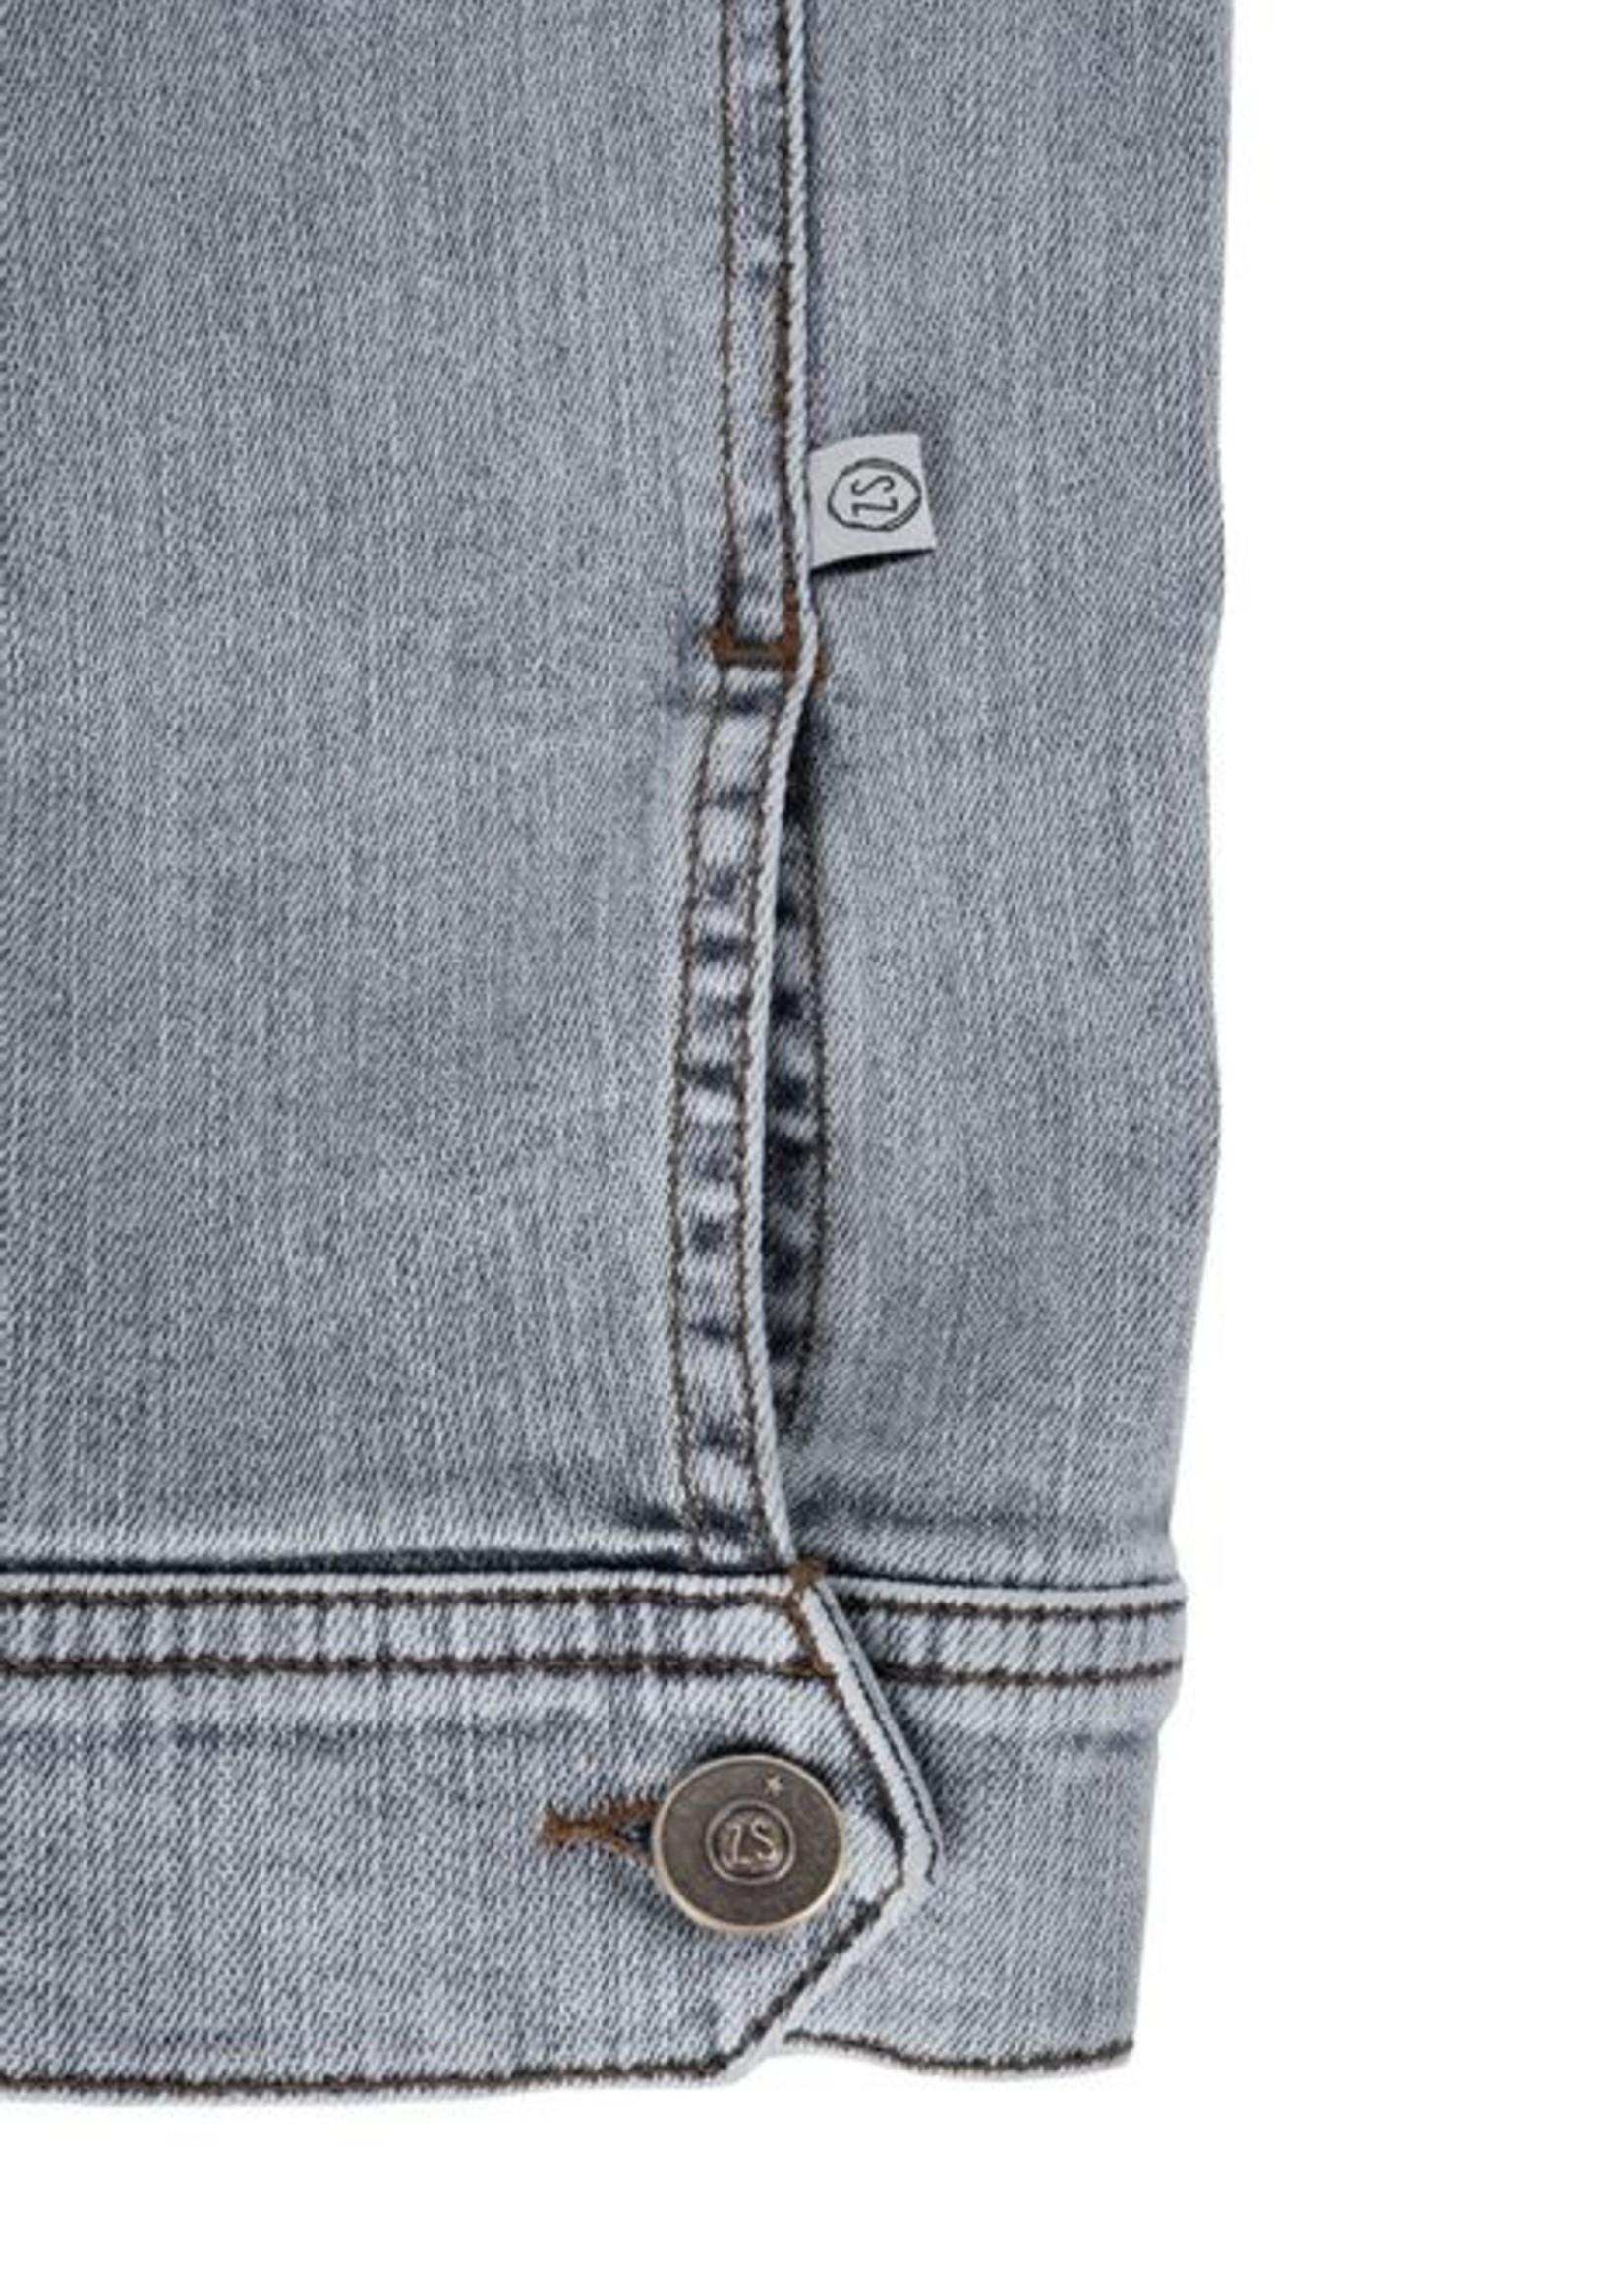 Zusss stoer spijkerjasje XL